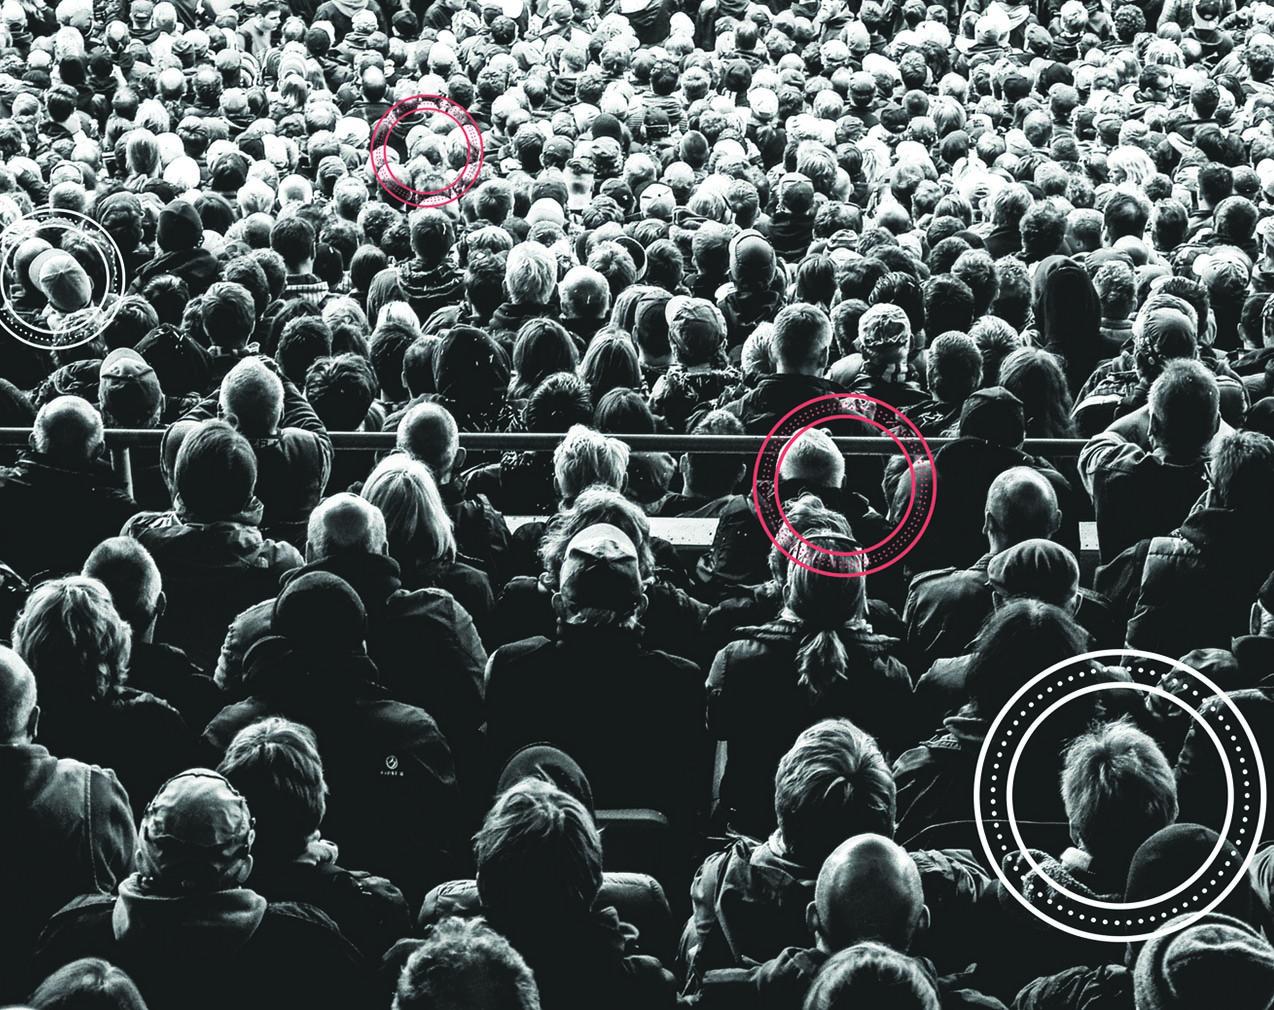 audiences_thumb.jpg